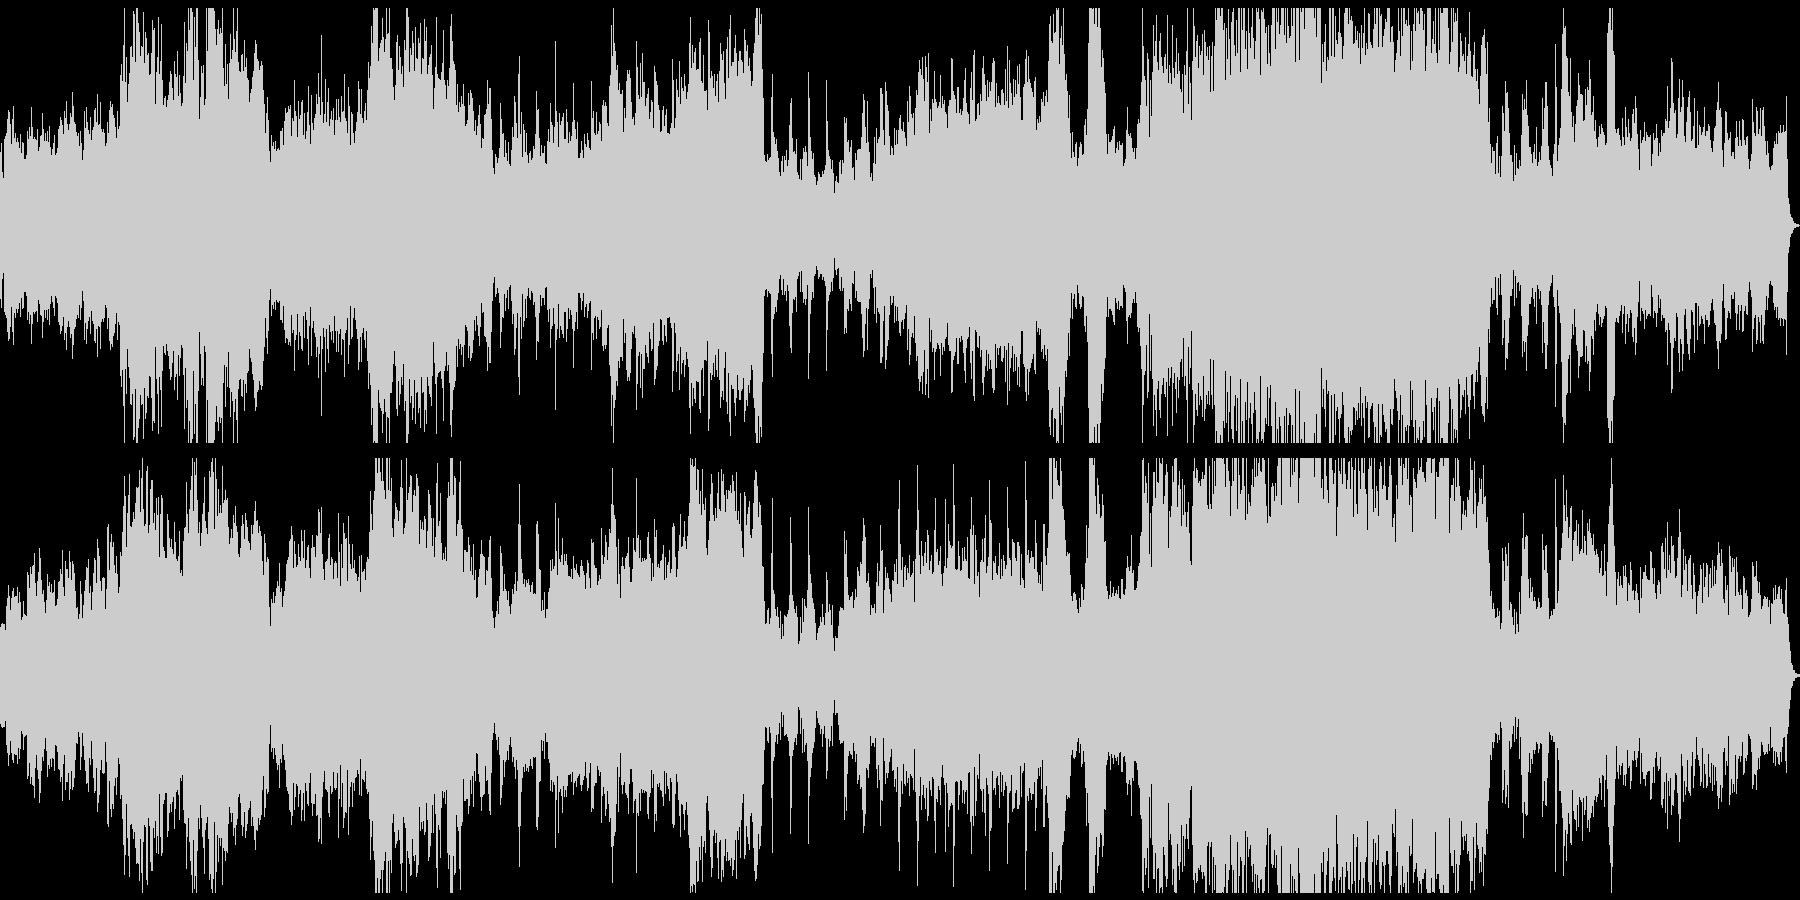 物語の展開が感じられるオーケストラ楽曲の未再生の波形